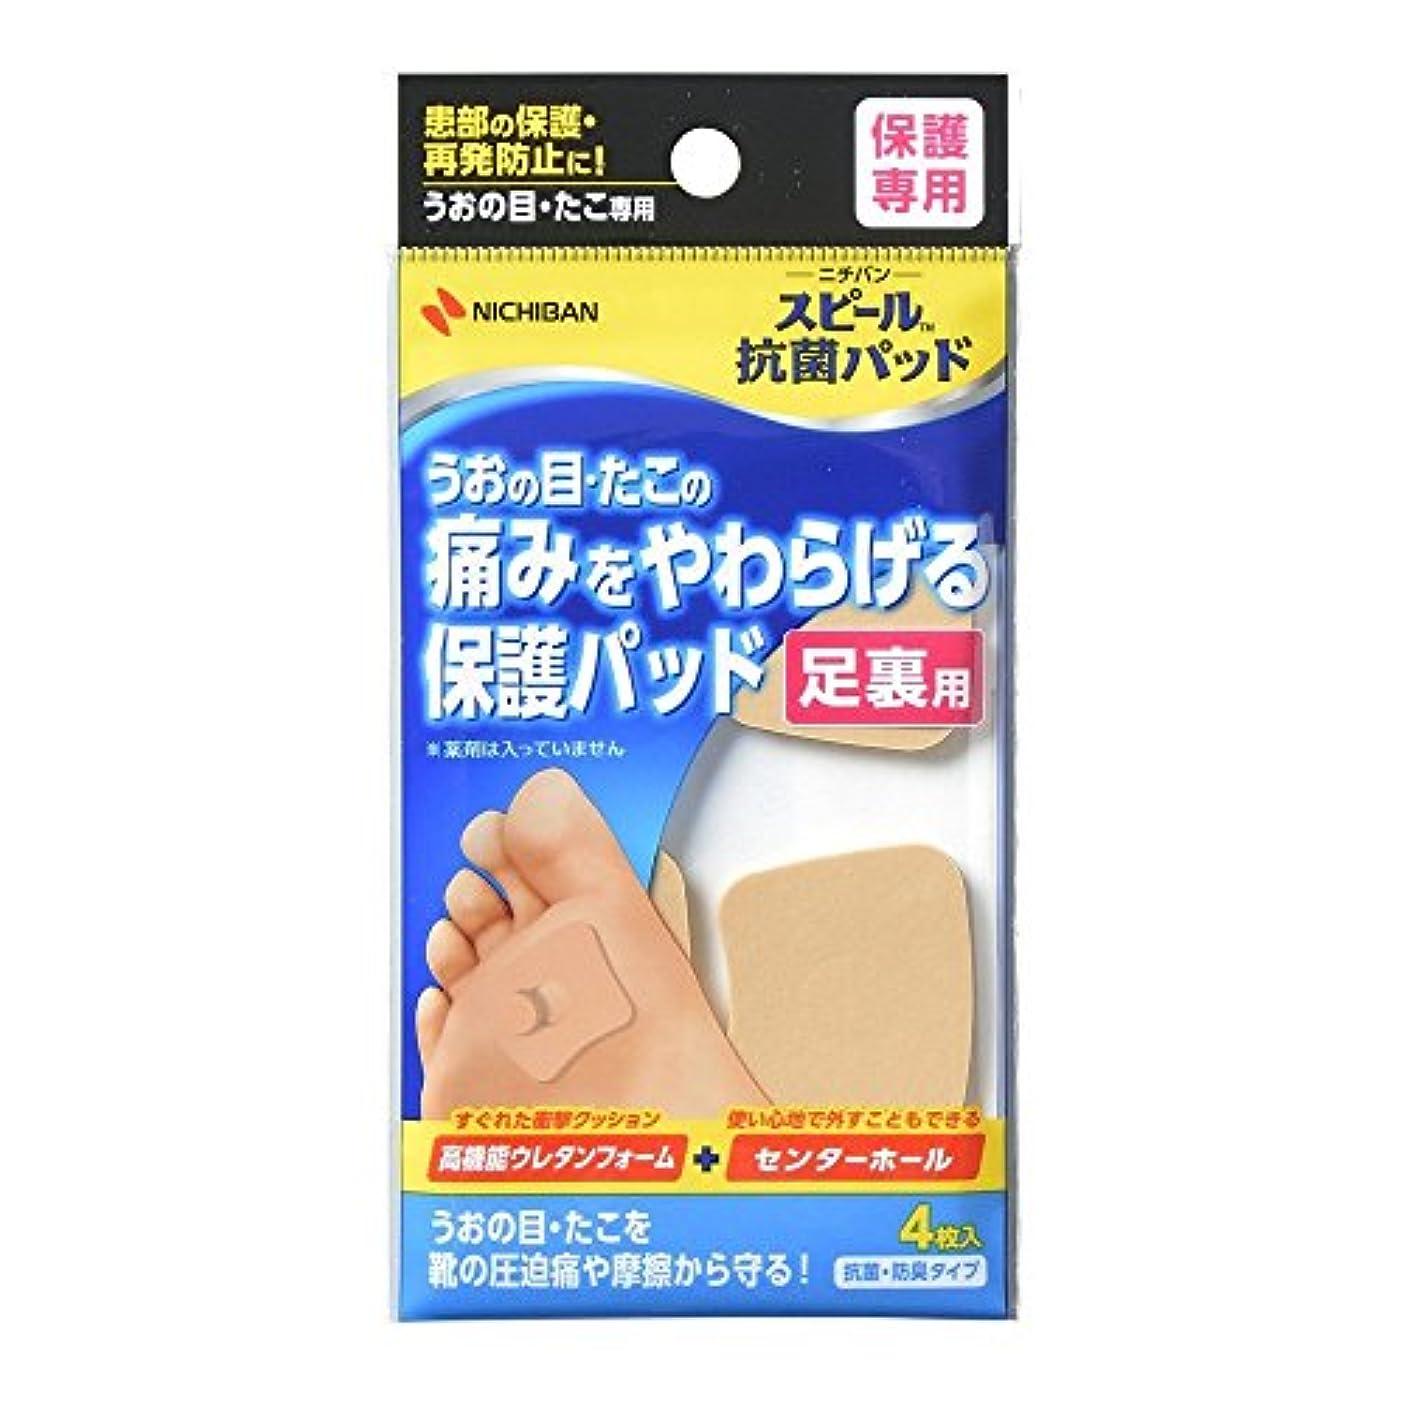 ヒールブラザー注目すべき【ニチバン】スピール抗菌パッド 足裏用 SPPAU 4枚 ×3個セット